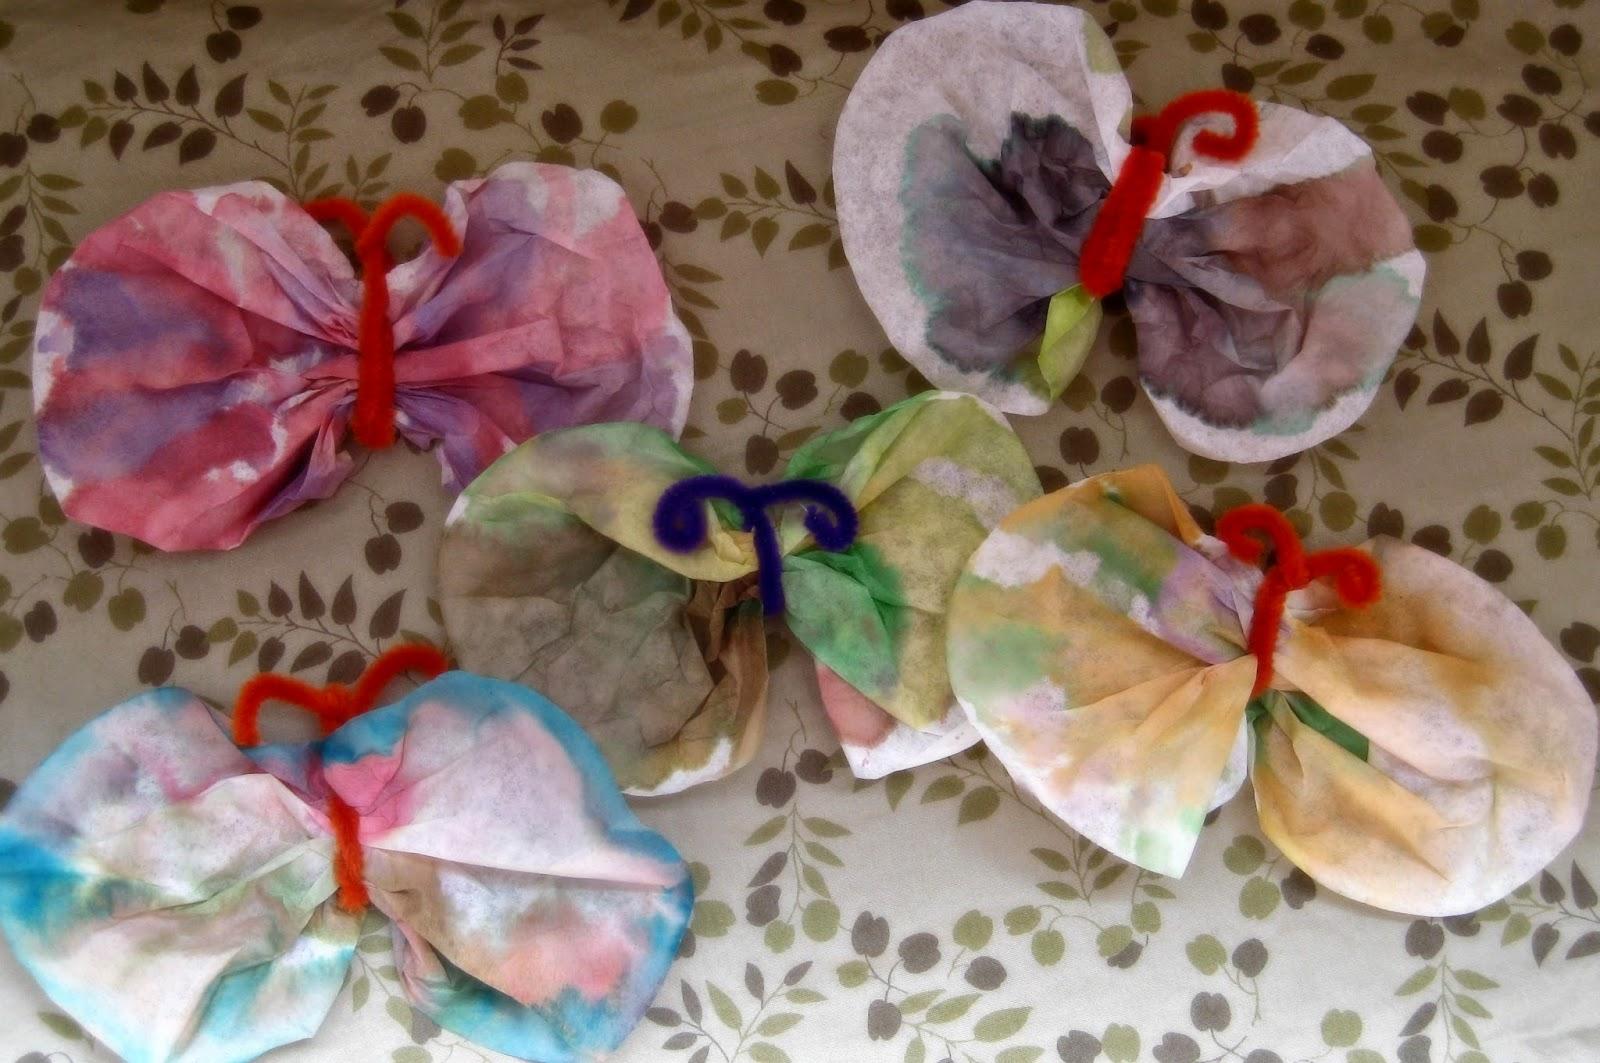 http://lydiashandmadelife.blogspot.com/2014/05/coffee-filter-butterflies.html